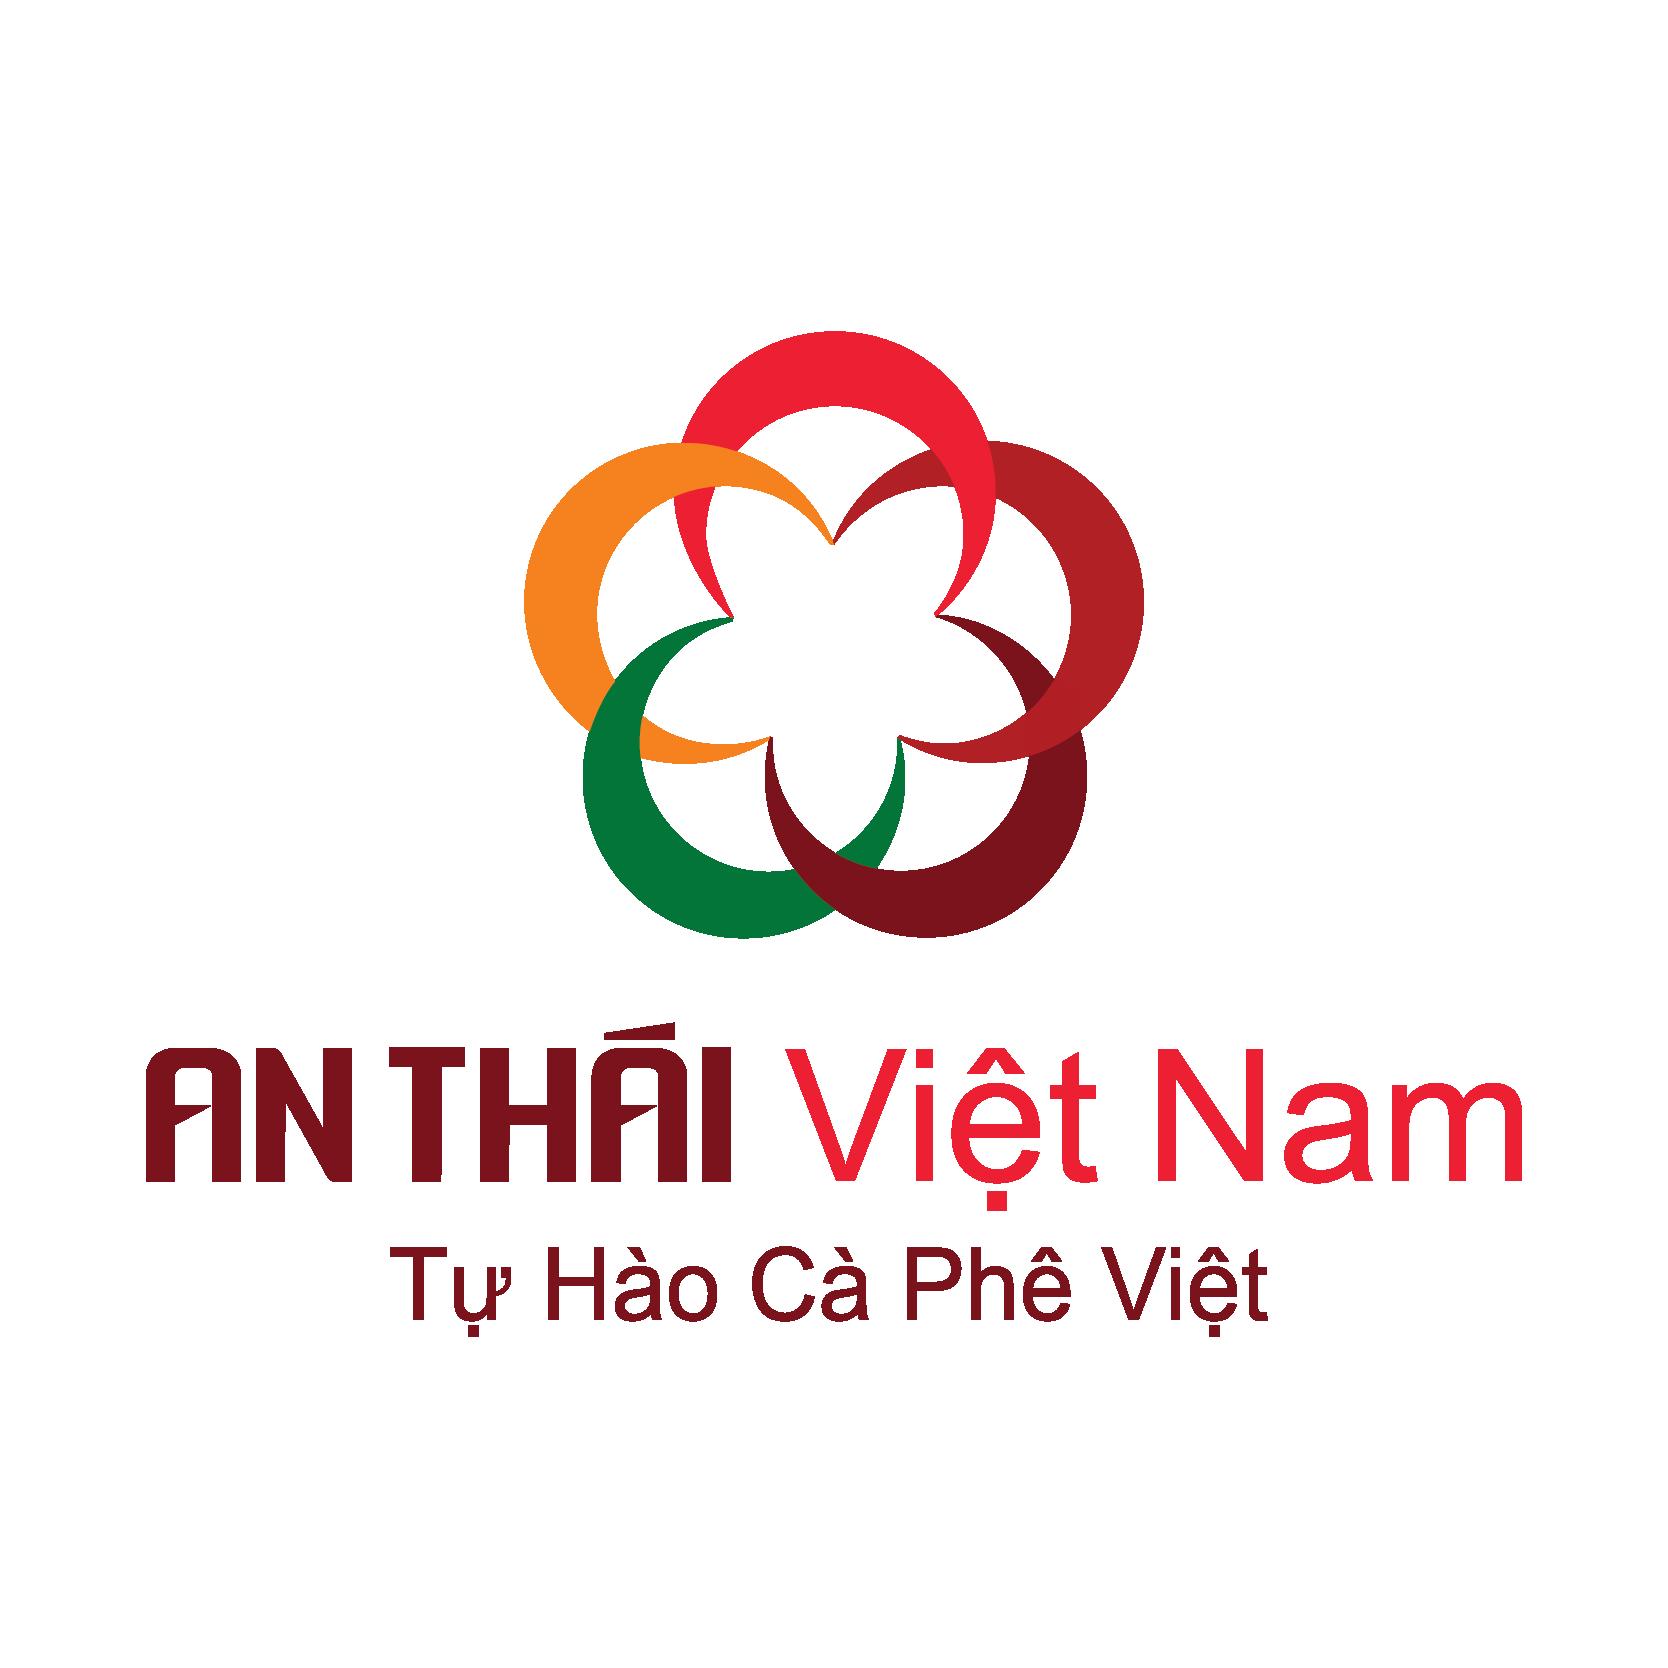 Thương hiệu An Thái Việt Nam